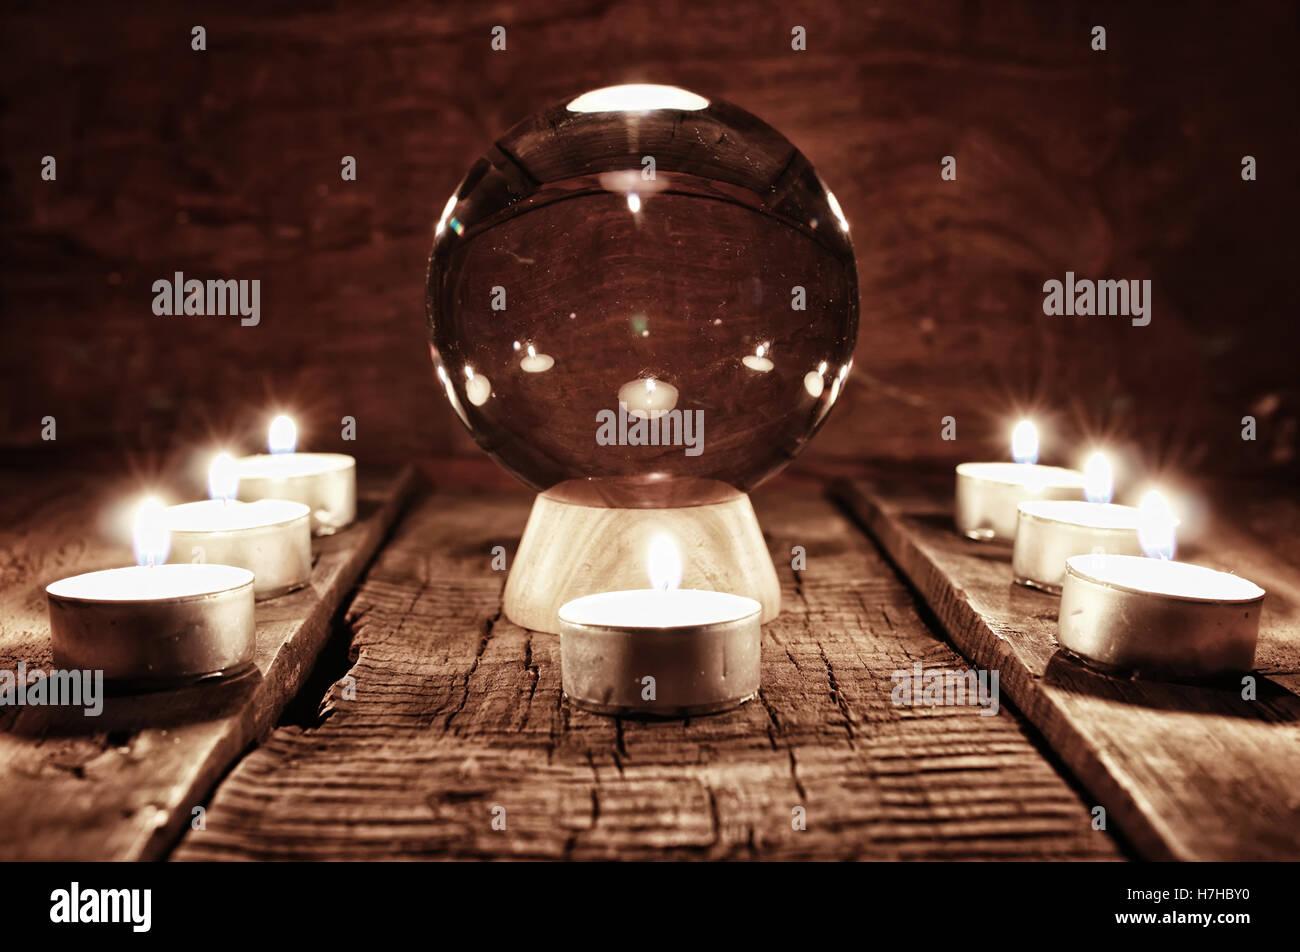 Futuro teller candela divinazione Immagini Stock